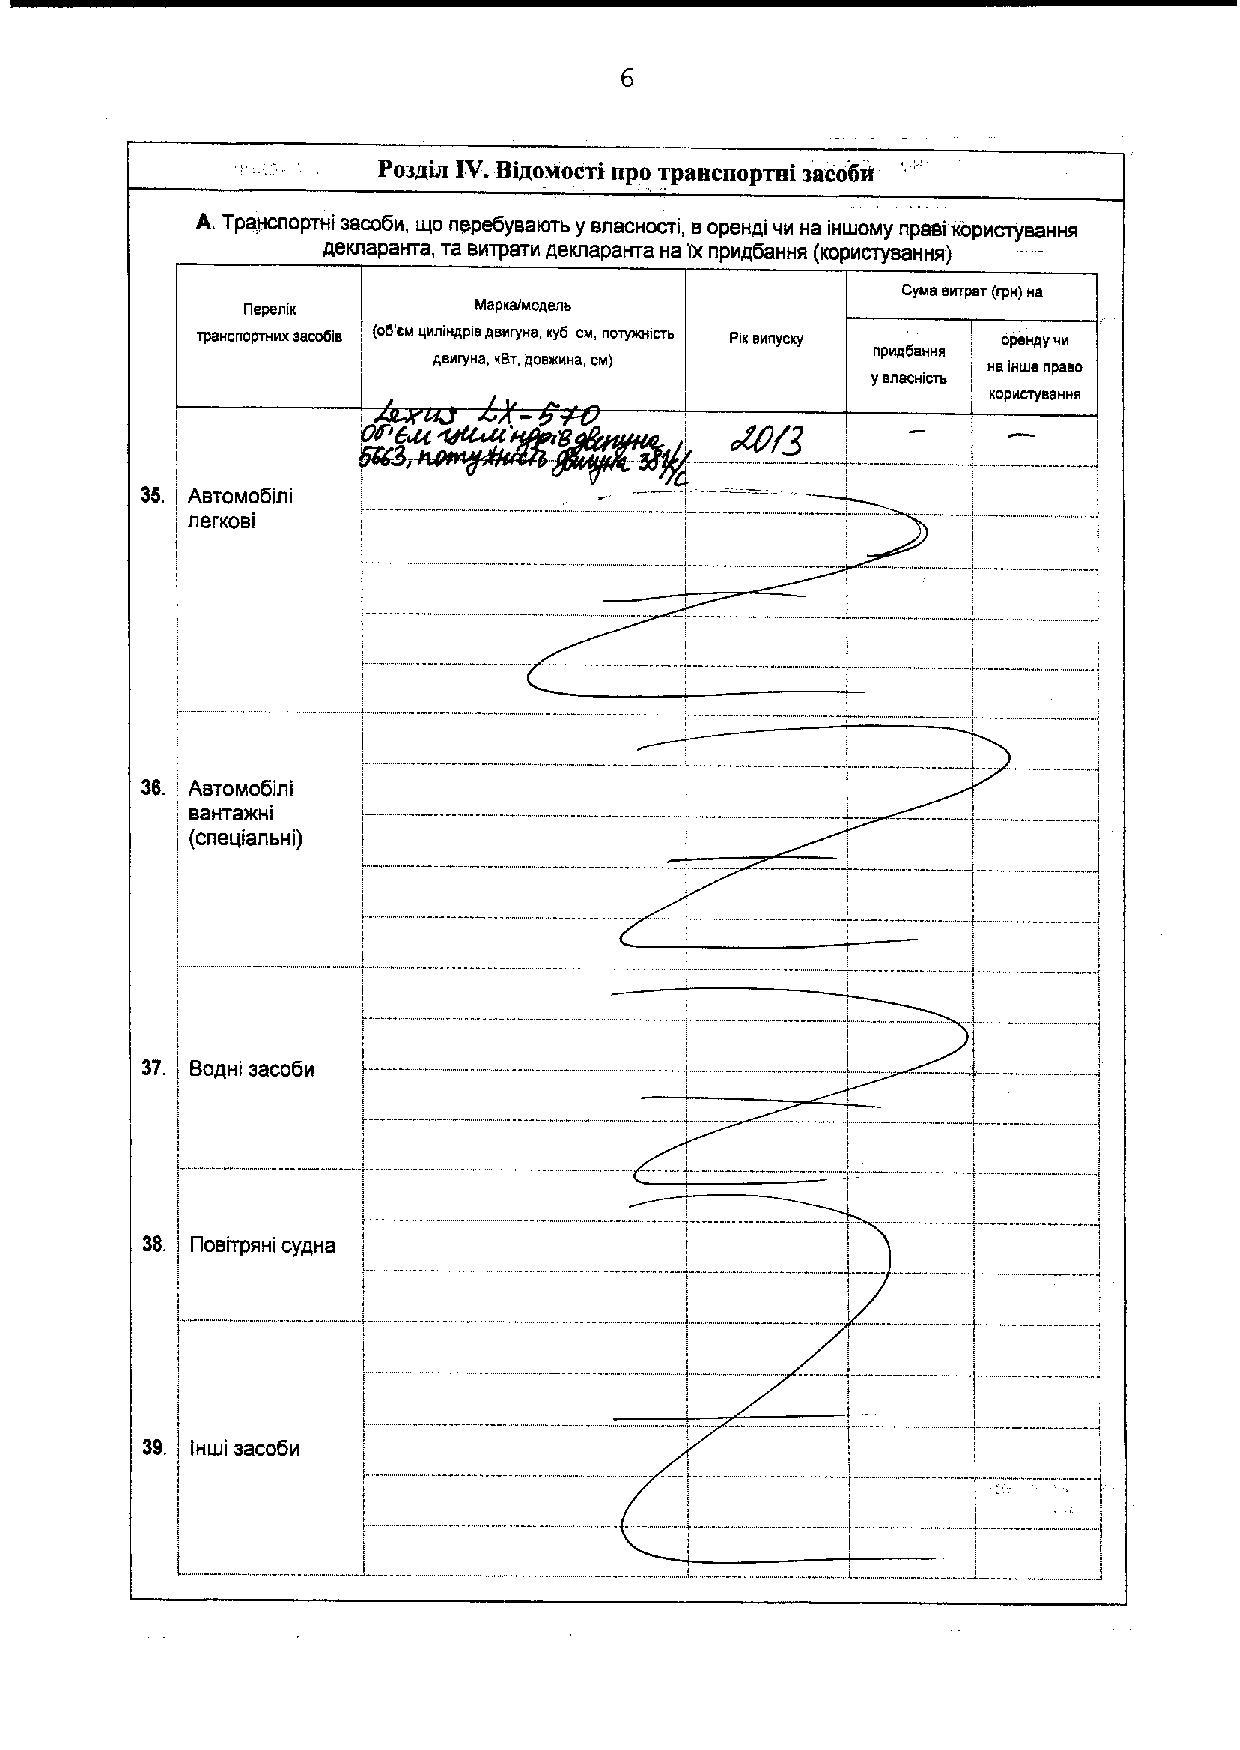 Обнародована декларация о доходах главы АП Ложкина: документ